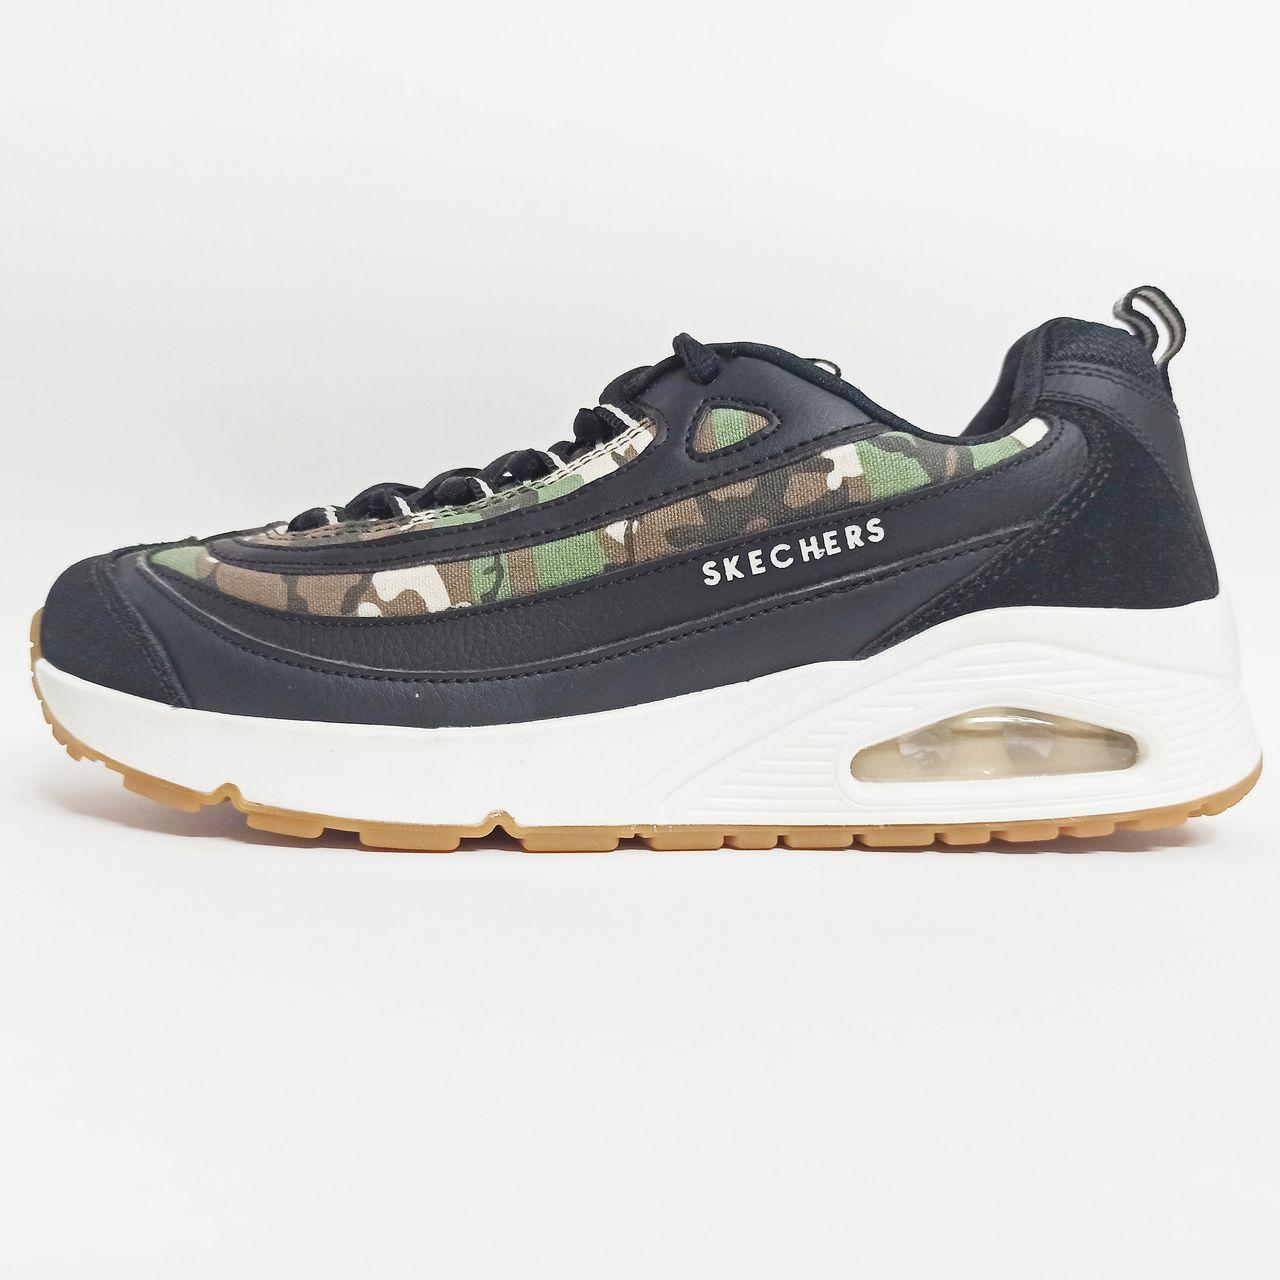 کفش پیاده روی زنانه اسکچرز مدل 237018